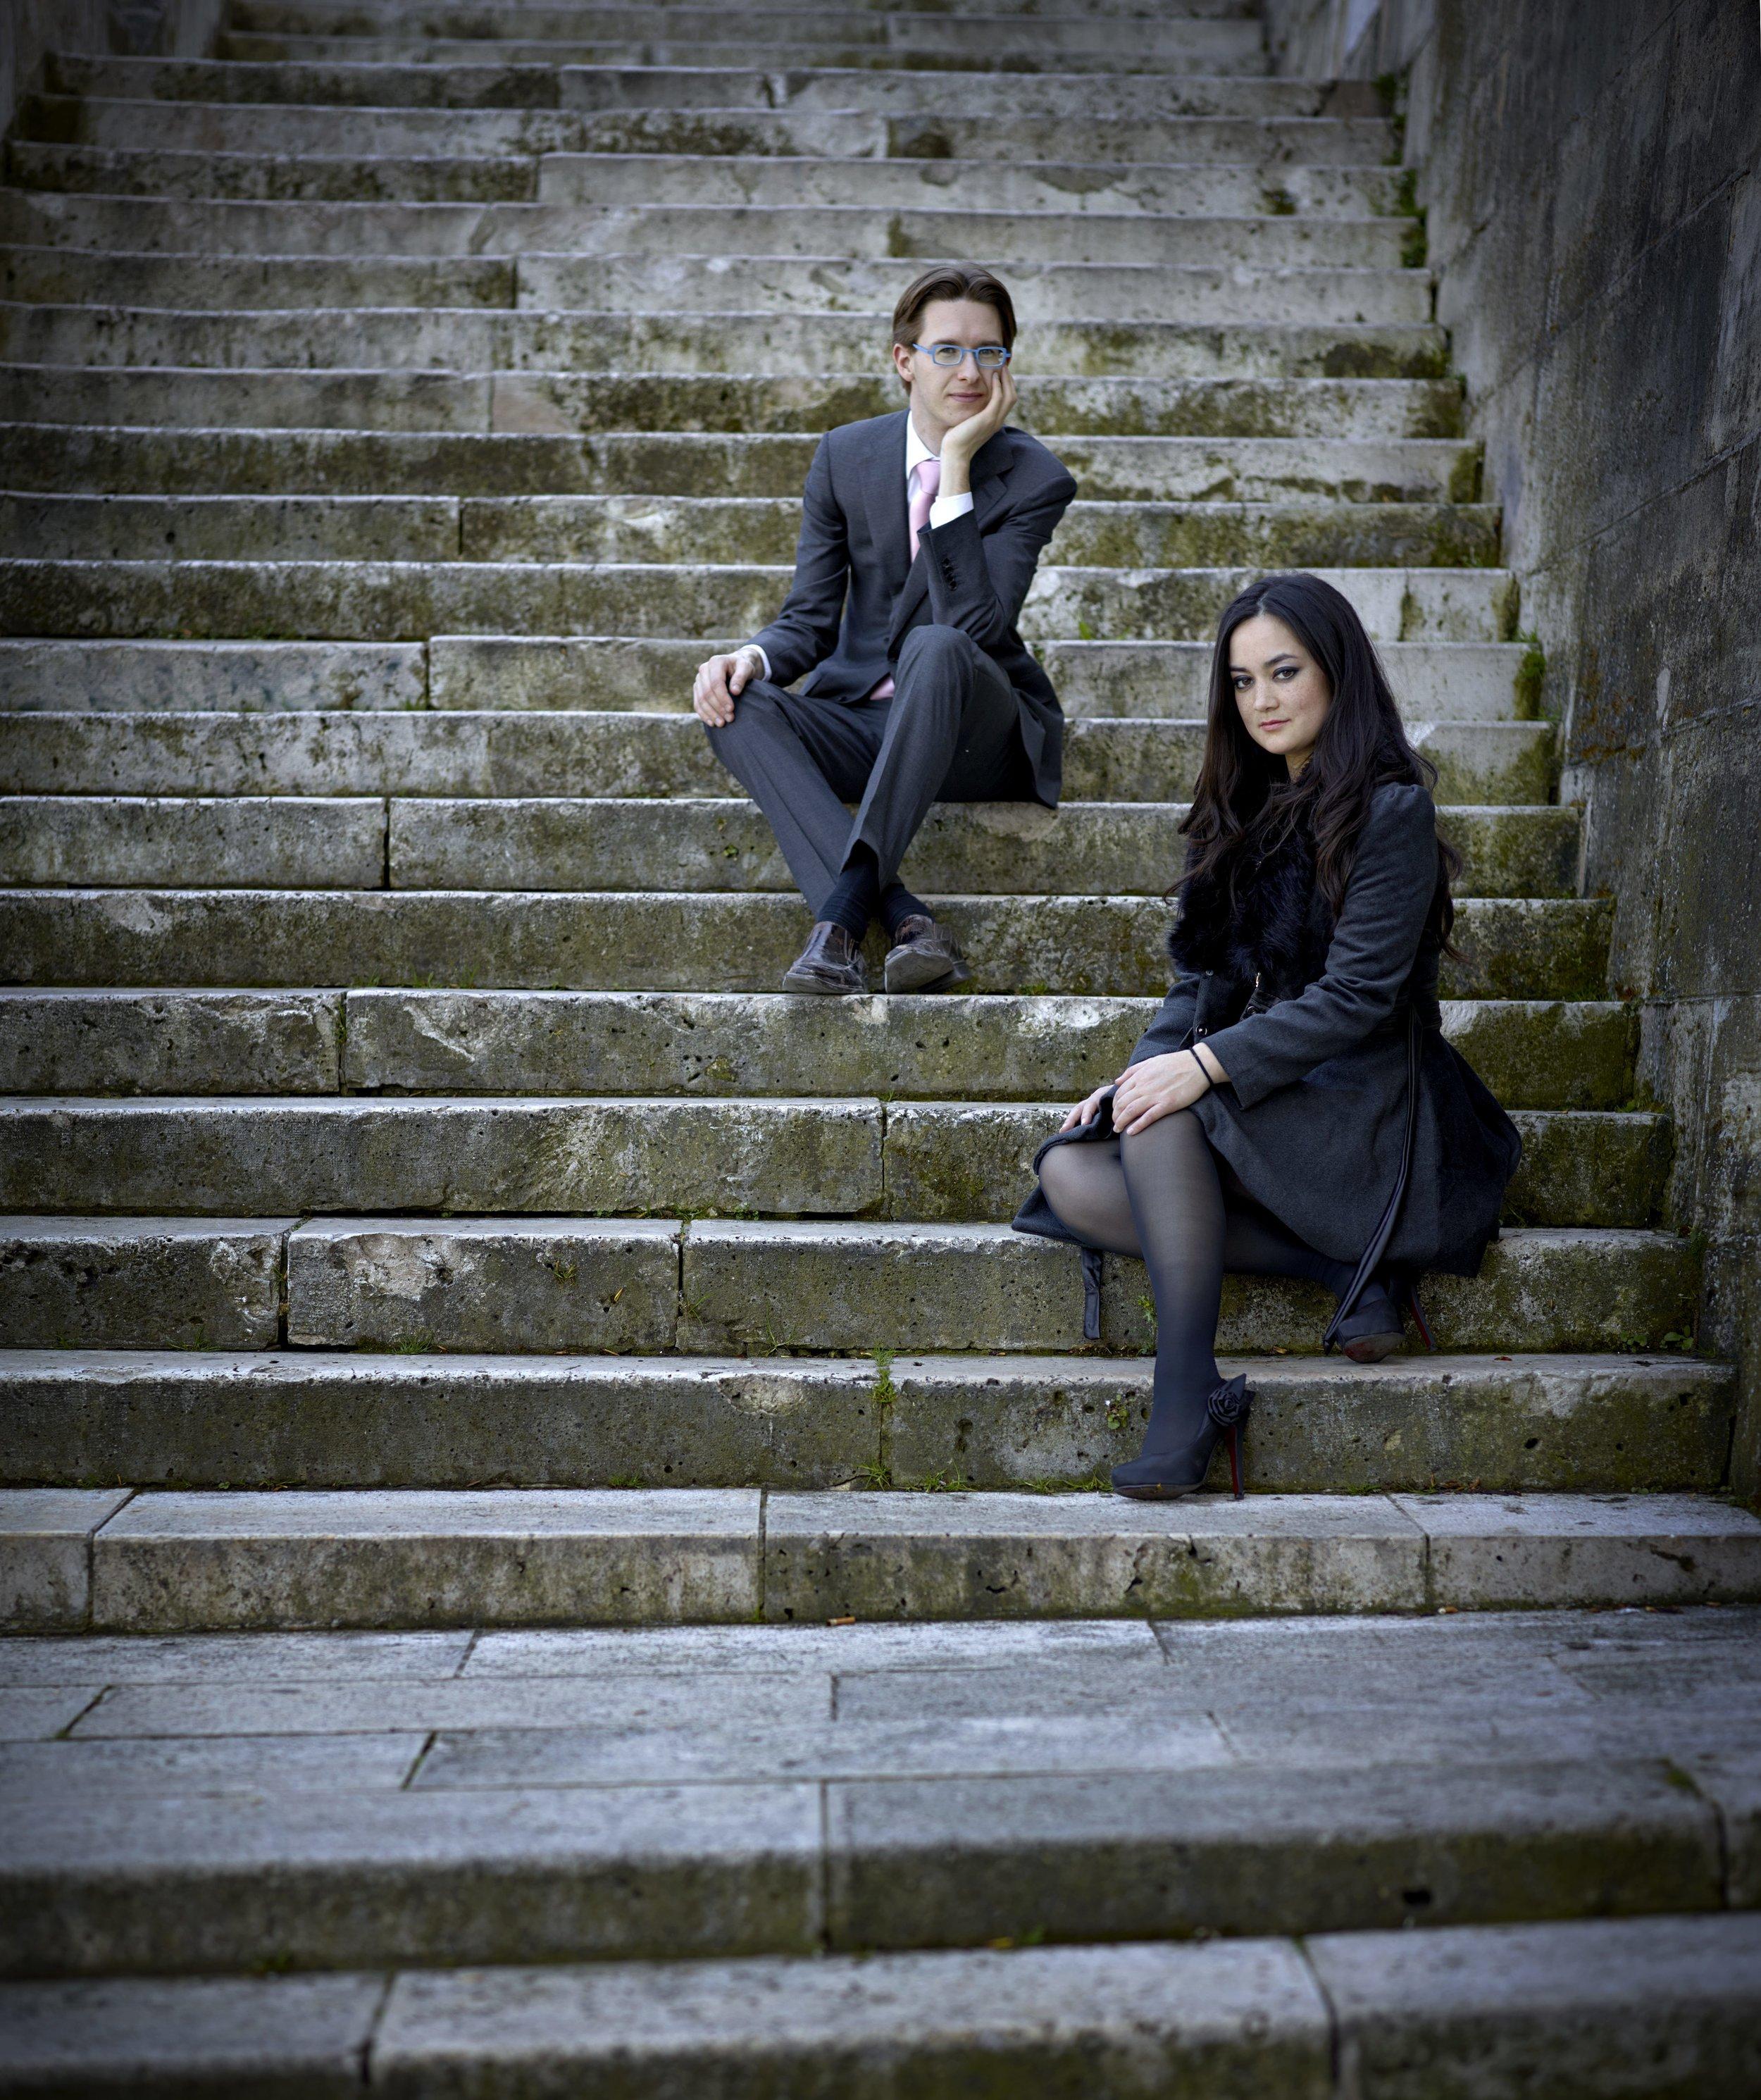 The Scholtes-Janssens Piano Duo by Merlijn Doomernik